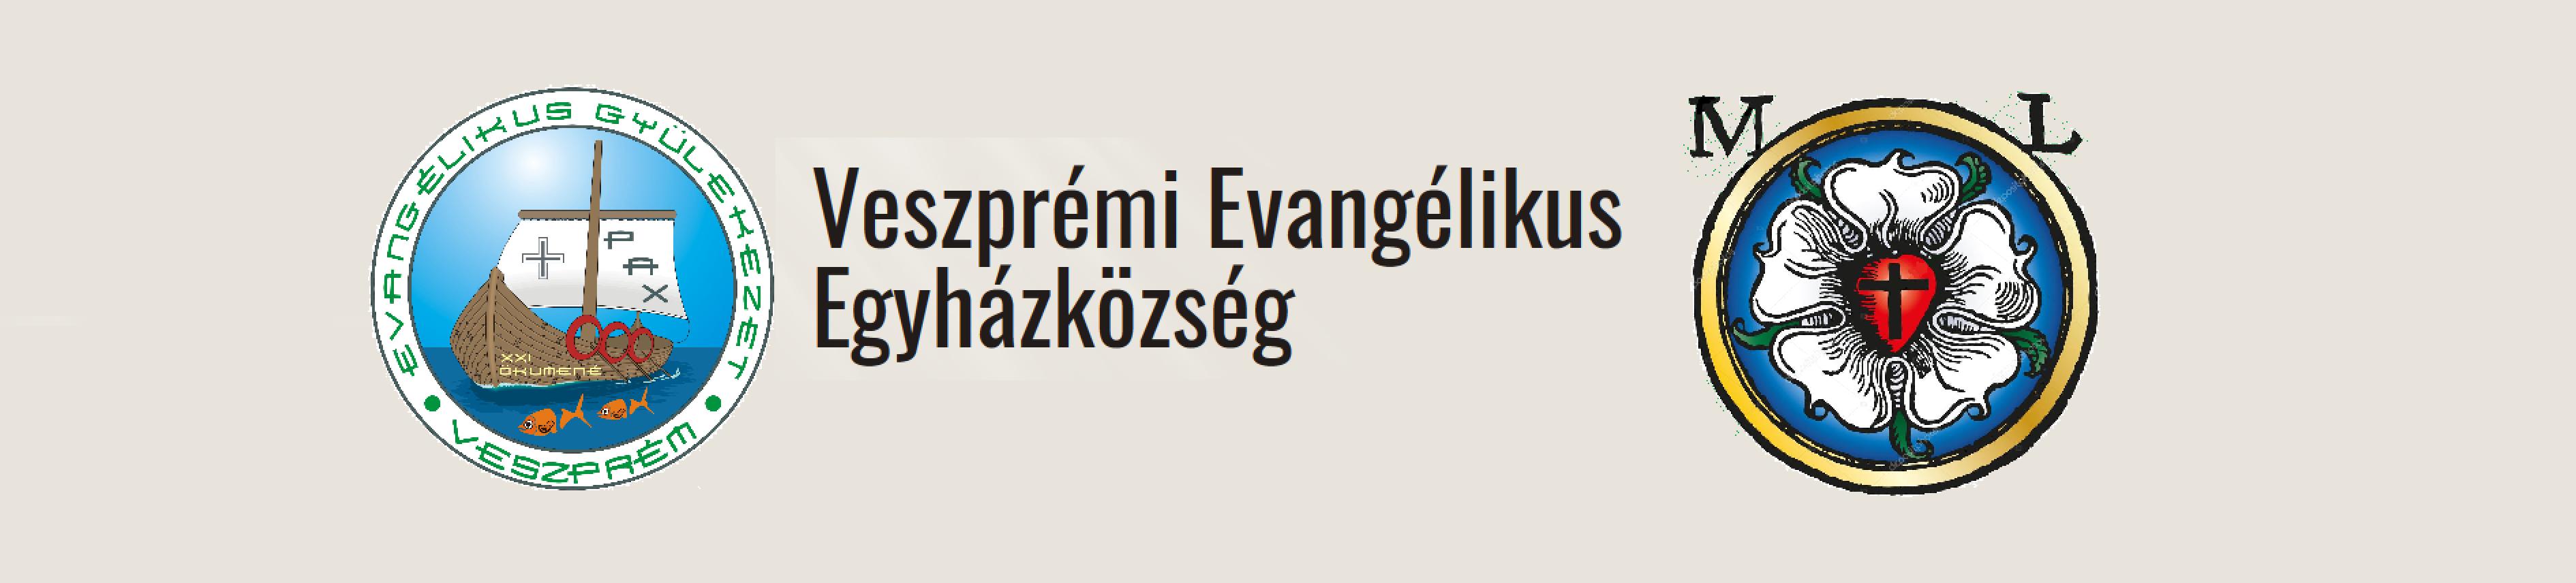 Veszprémi Evangélikus Egyházközség